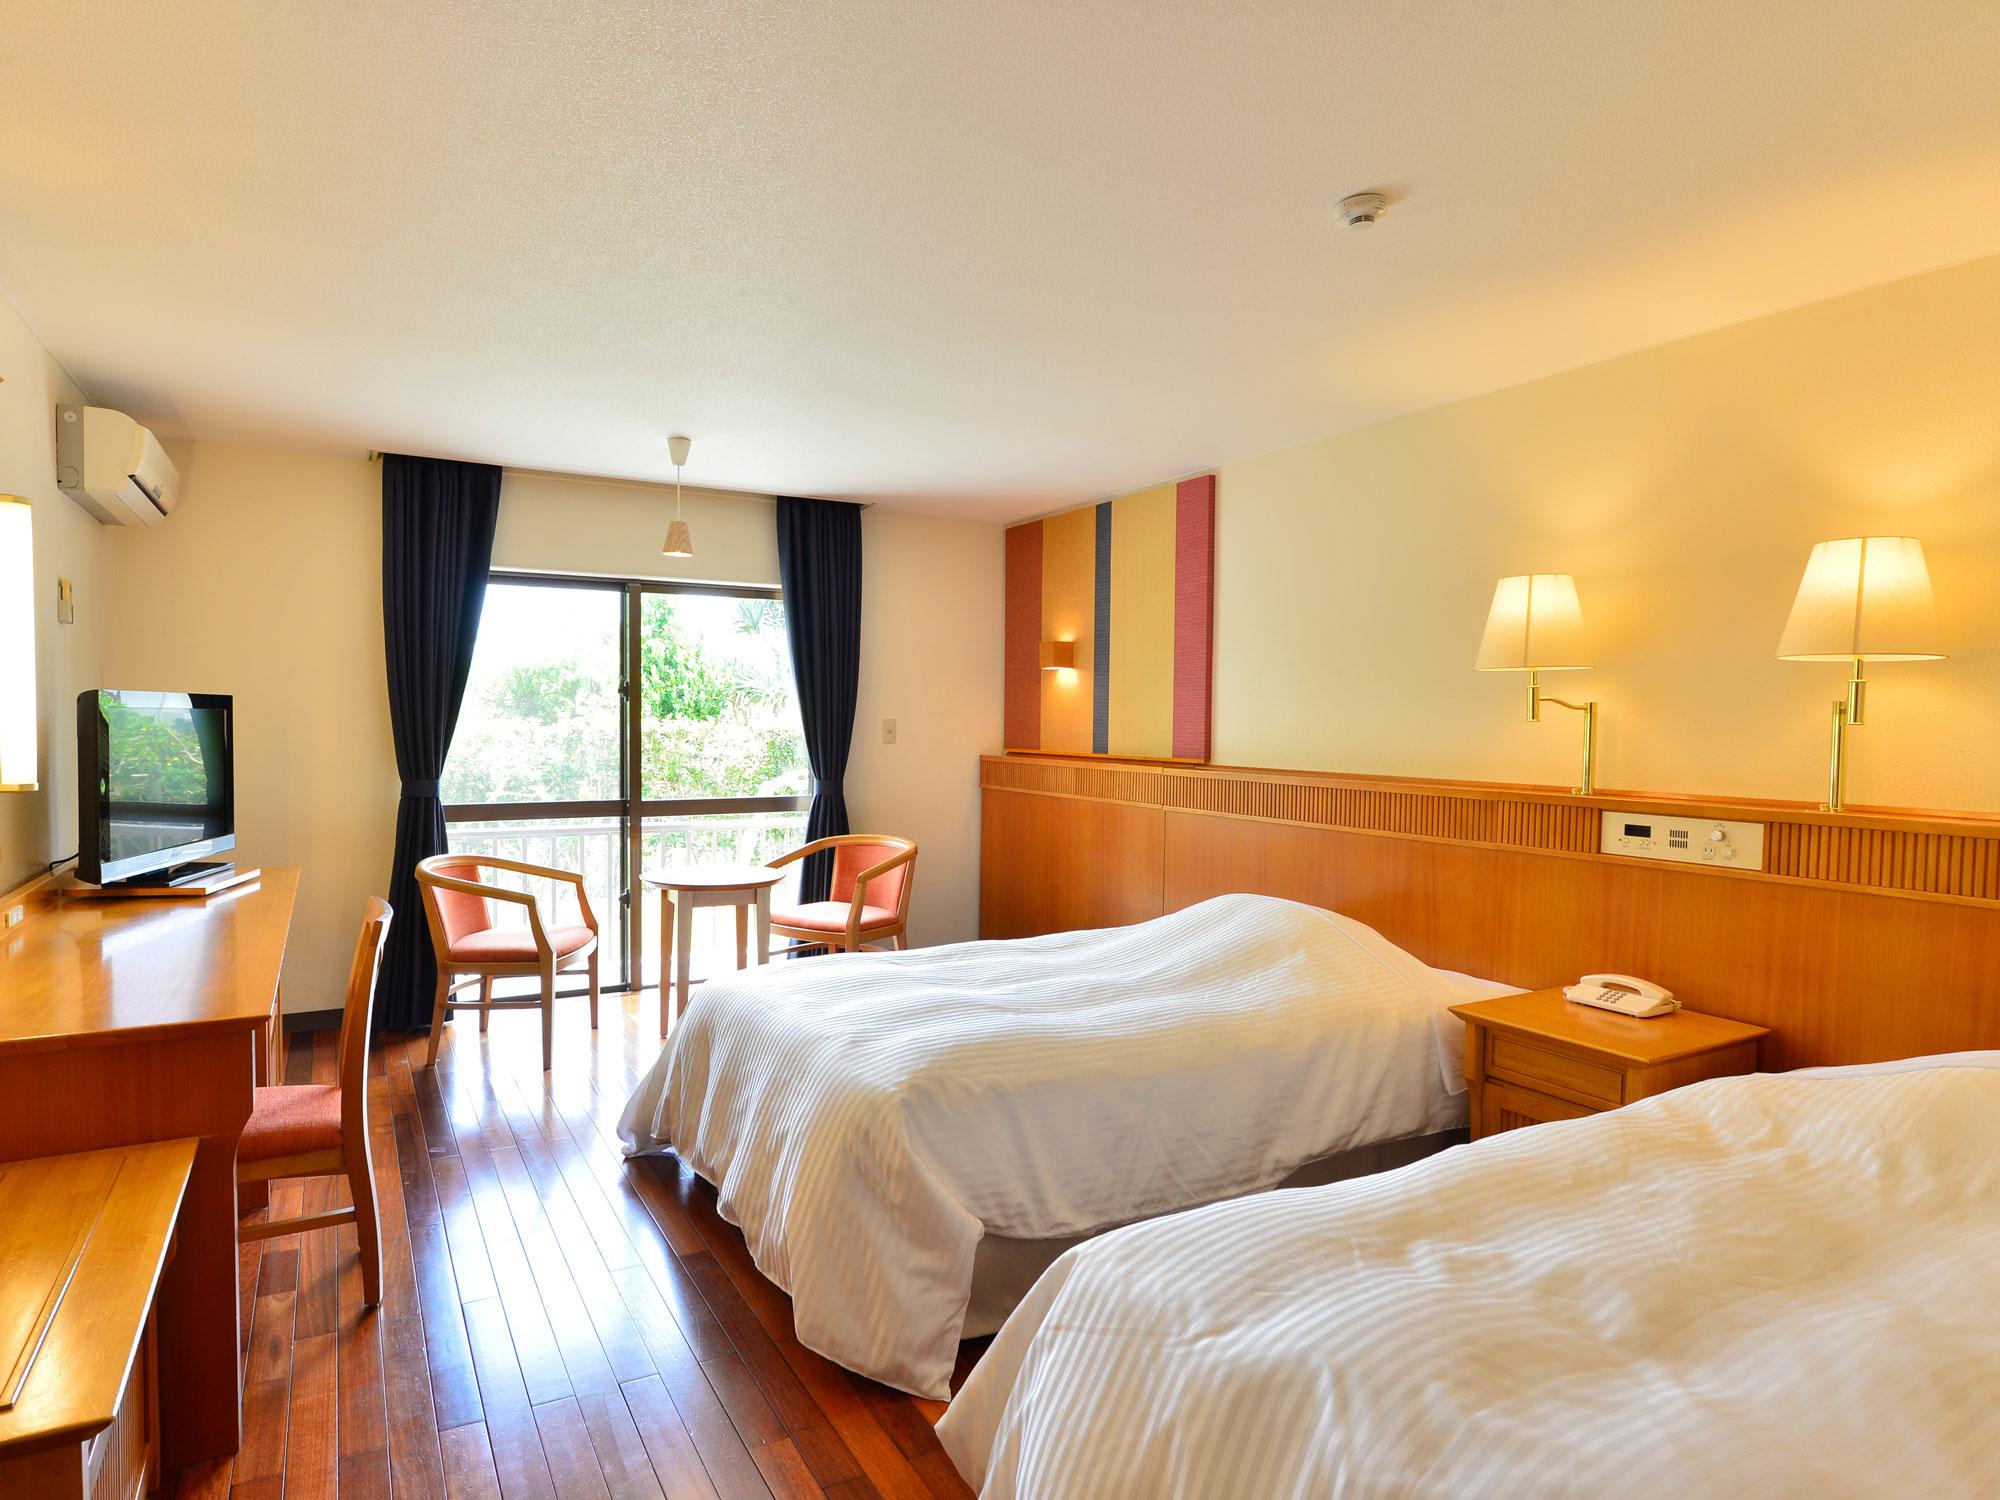 琉球赤瓦コテージタイプの部屋。一棟式なので隣を気にせず楽しめる